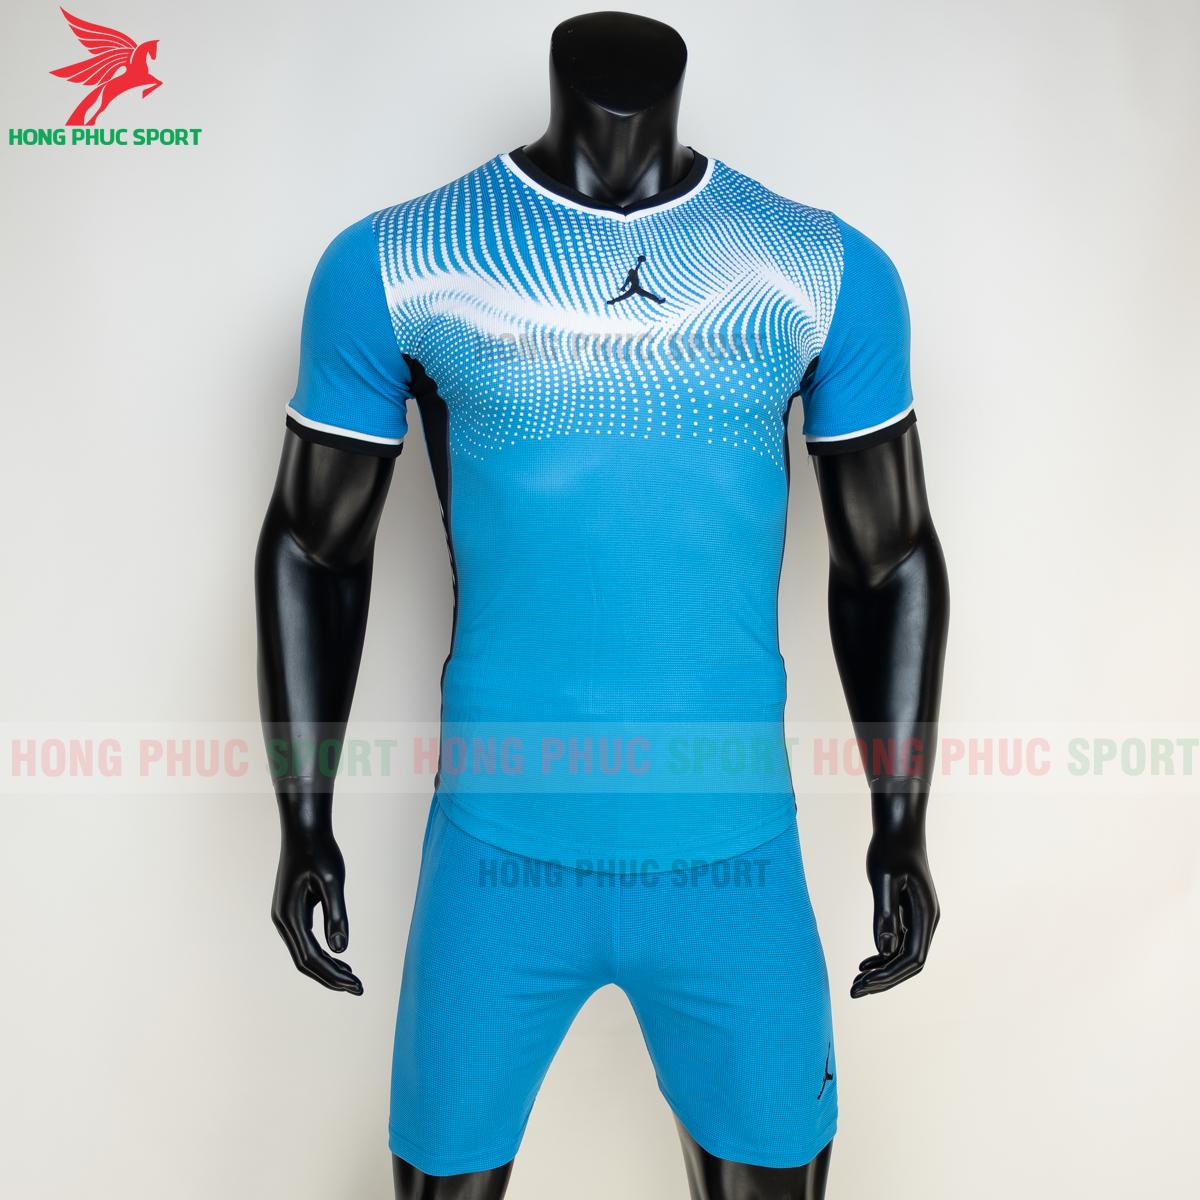 https://cdn.hongphucsport.com/unsafe/s4.shopbay.vn/files/285/ao-bong-chuyen-khong-logo-jordan-wave-mau-xanh-da-3-6050205e002f3.png